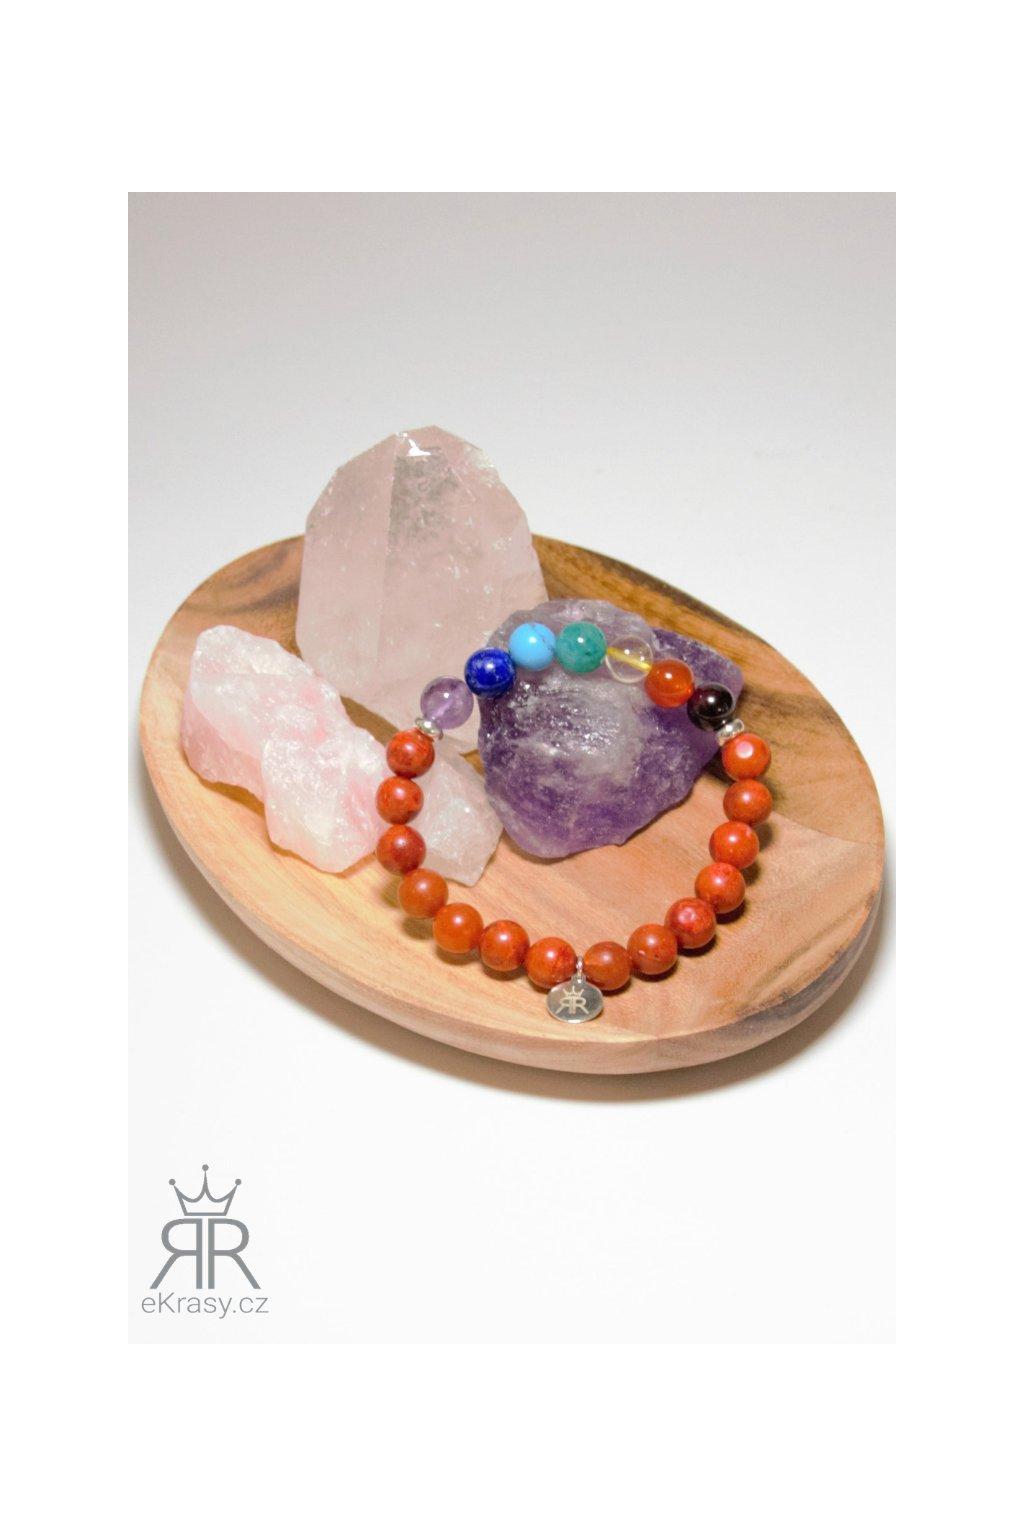 eKrasy náramek Čakry Enam s minerálními kameny - krásný dámský čakrový náramek pro ženy